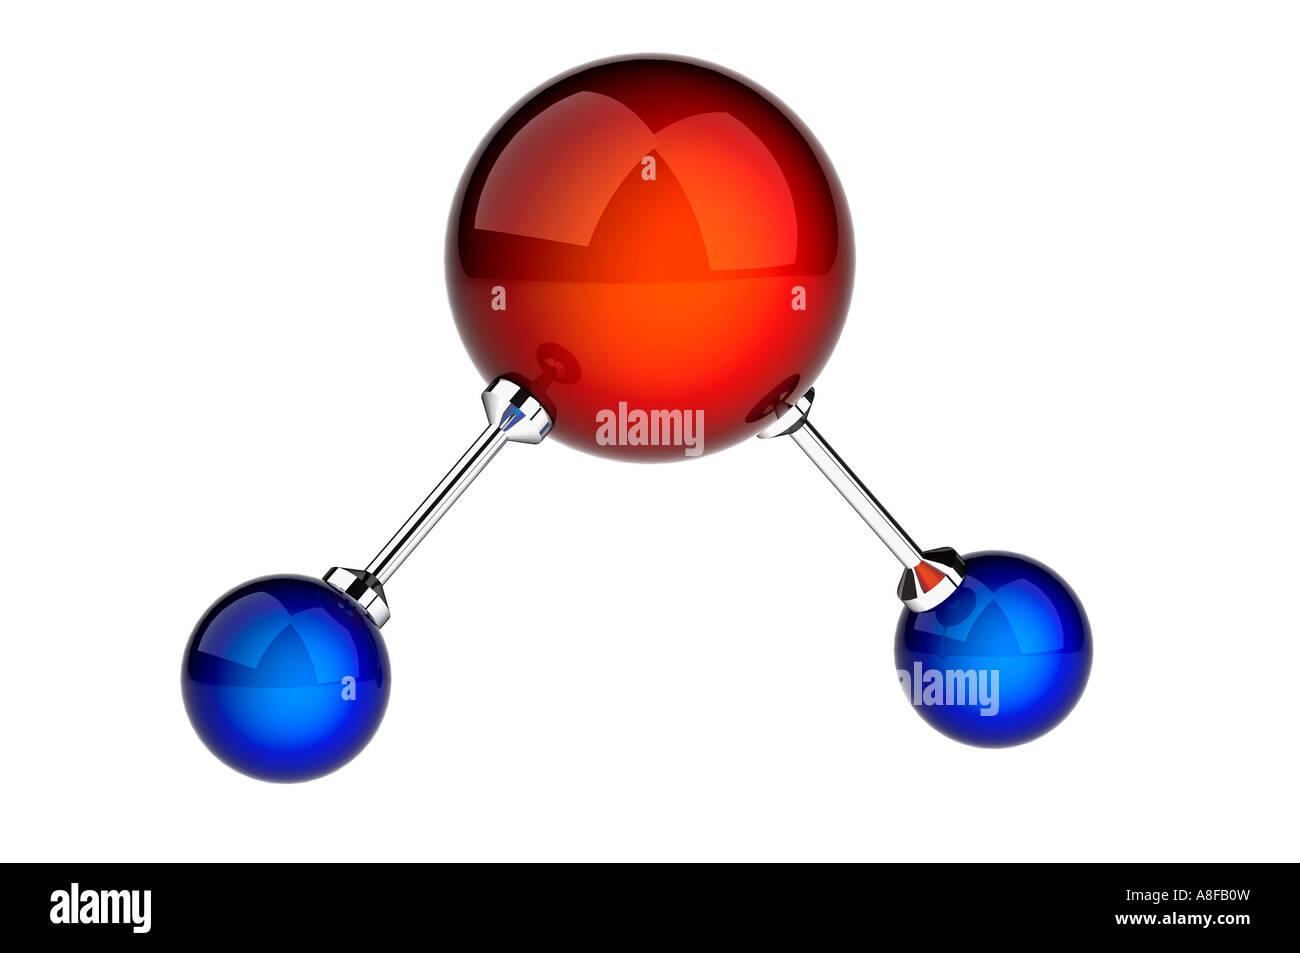 Cabondioxide oder Wasser oder H2O und CO2-Molekül-Modell Stockbild